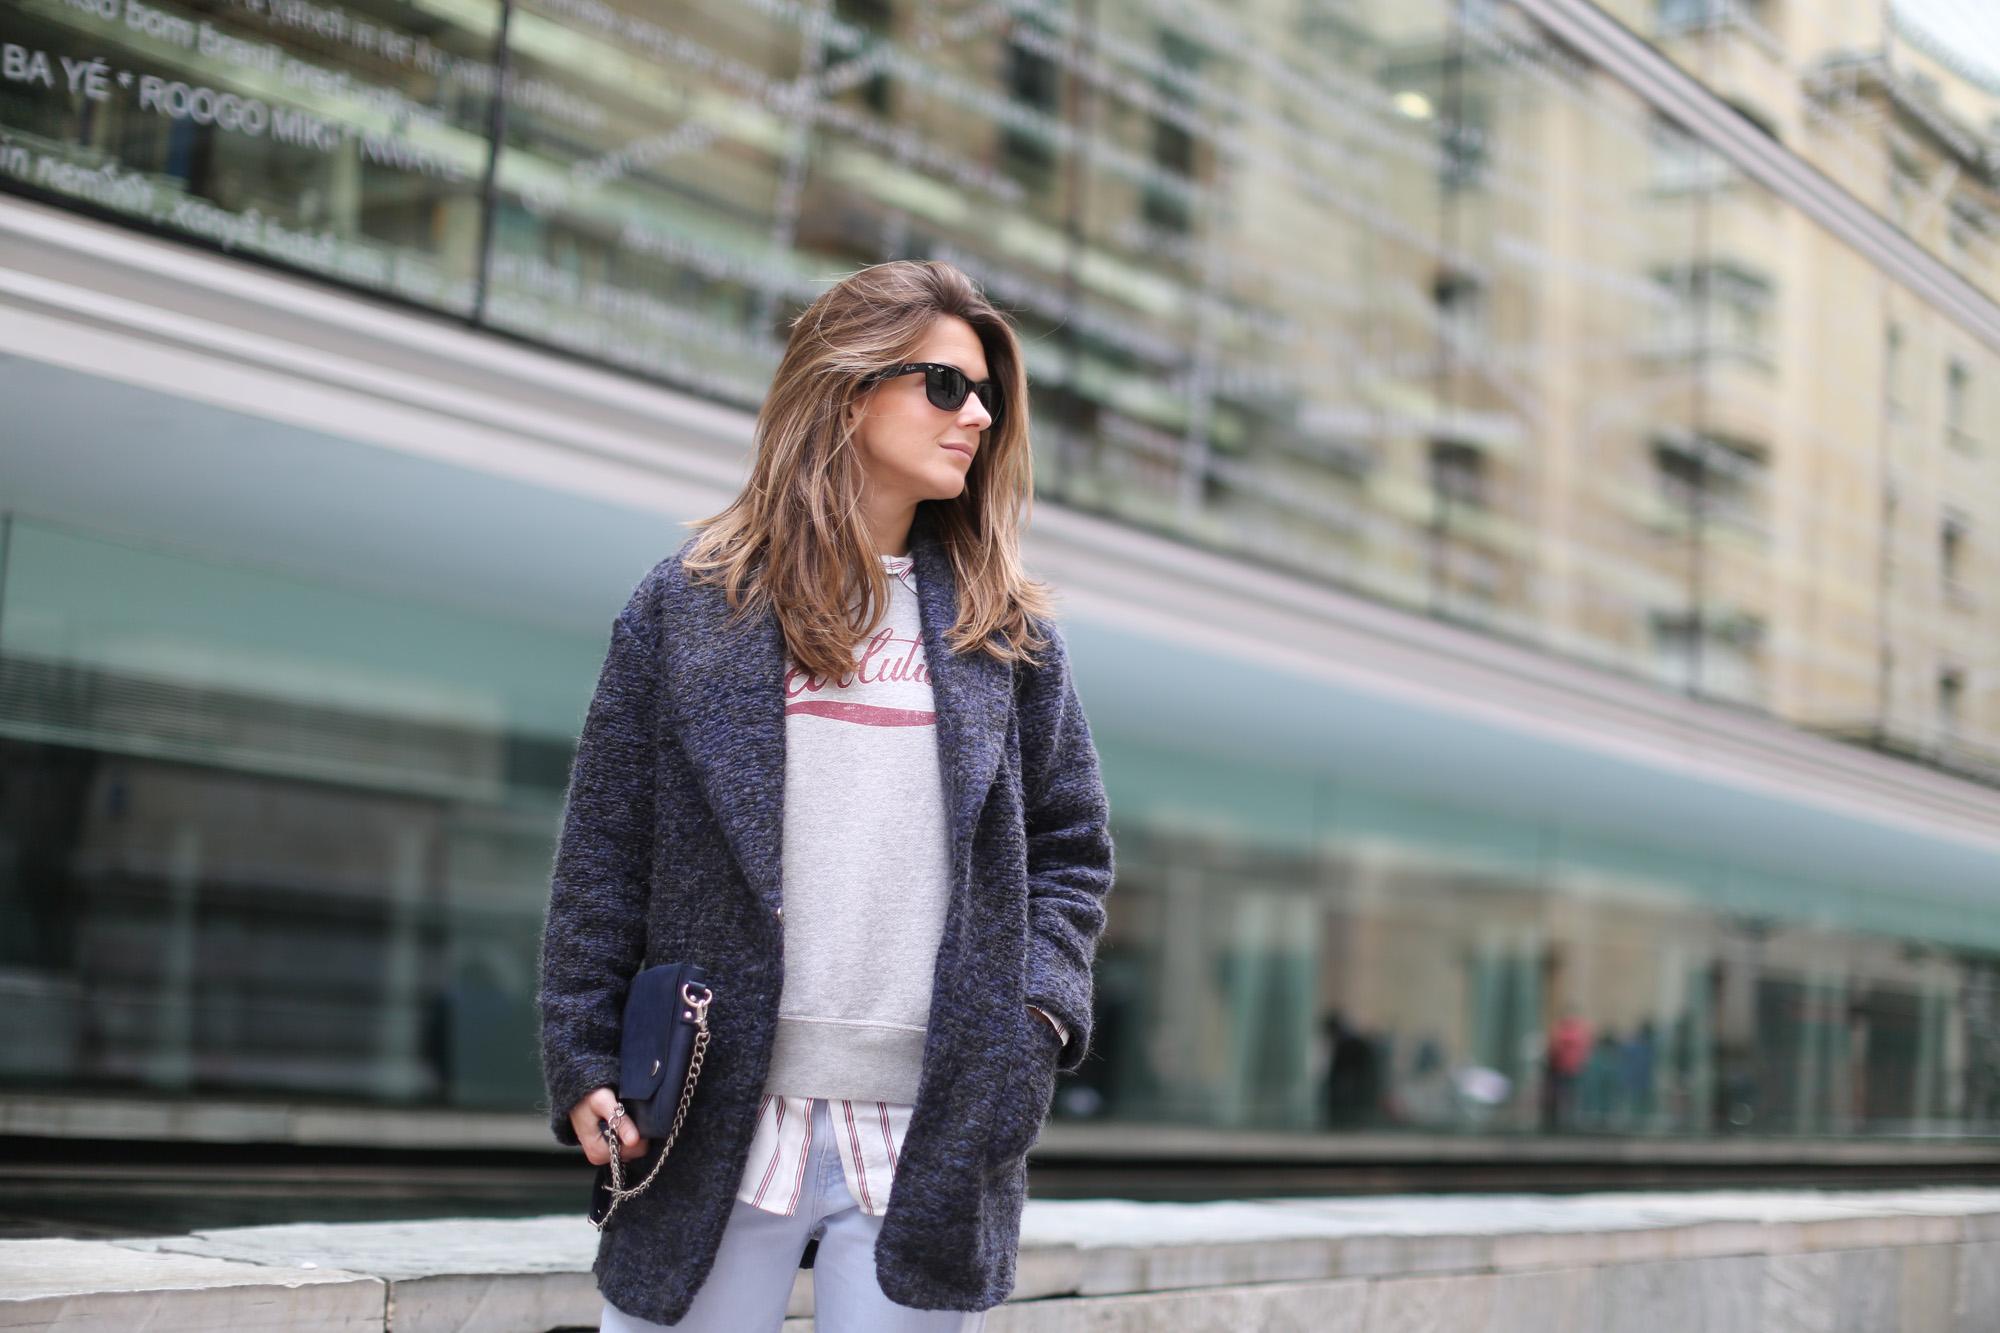 Clochet-streetstyle-mango-wool-coat-isabel-marant-etoile-revolution-sweatshirt-sushi-bag-2